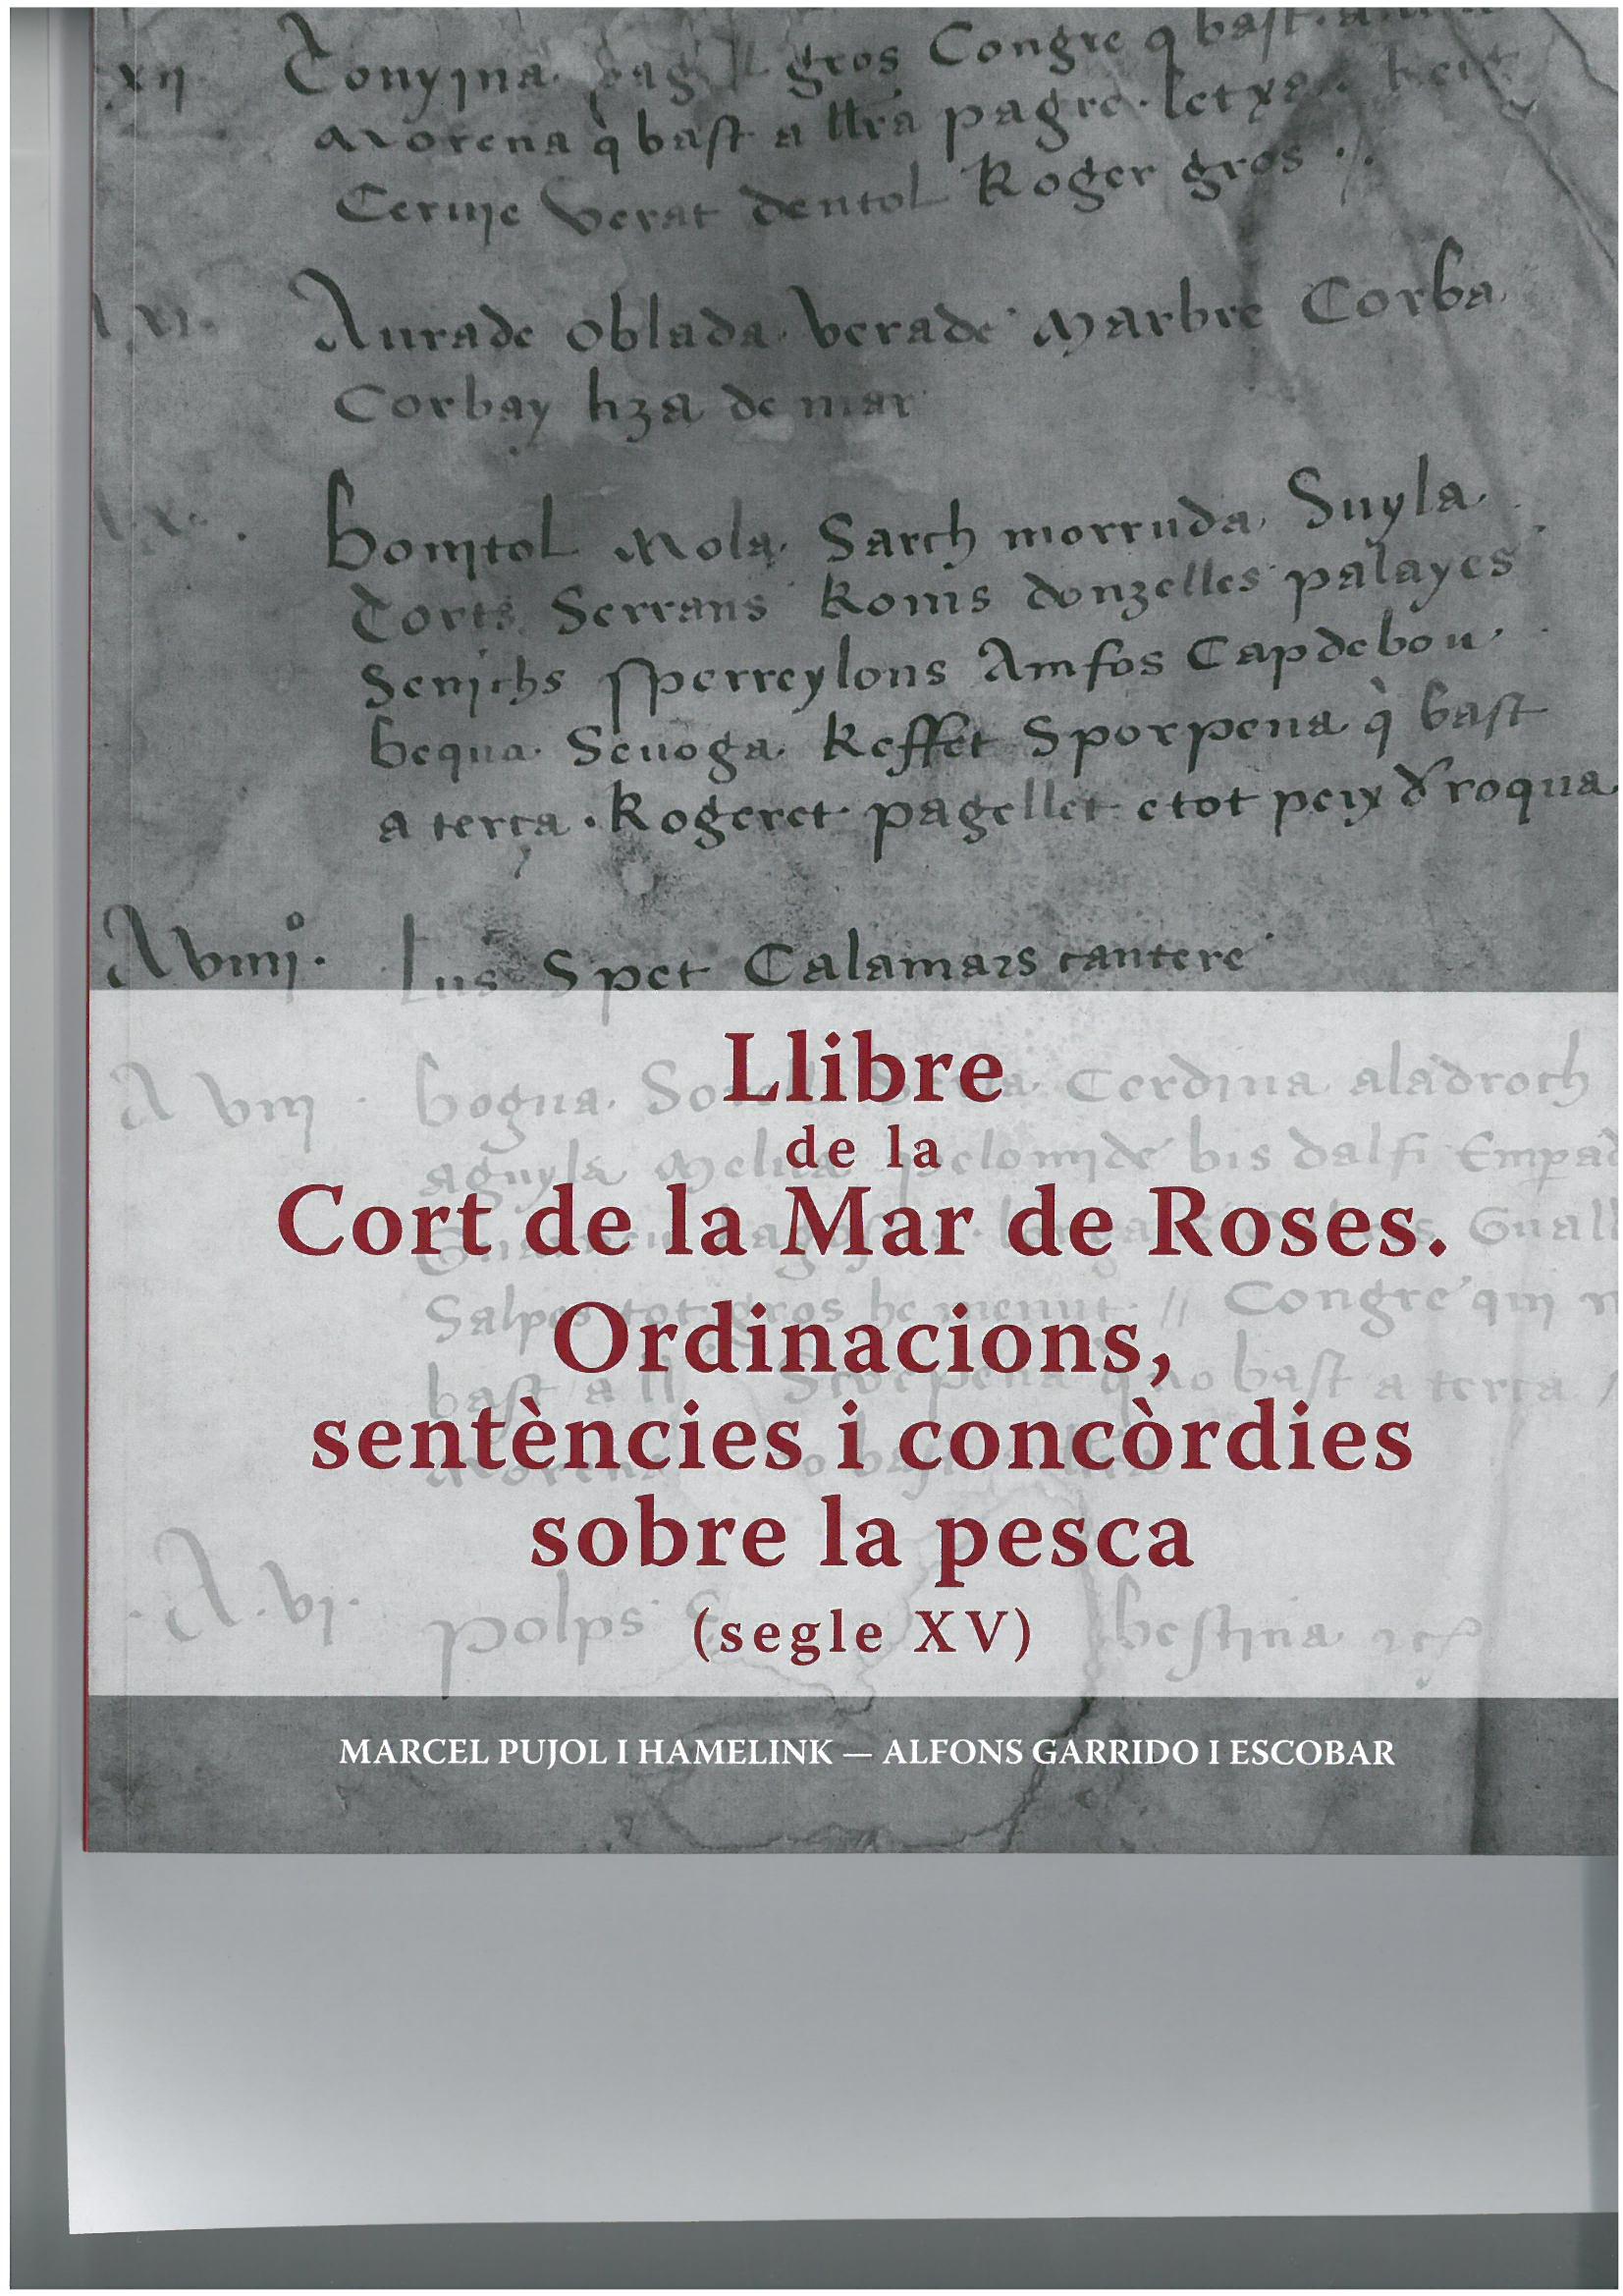 Els pescadors de Roses en època medieval, protagonistes del nou llibre de Marcel Pujol